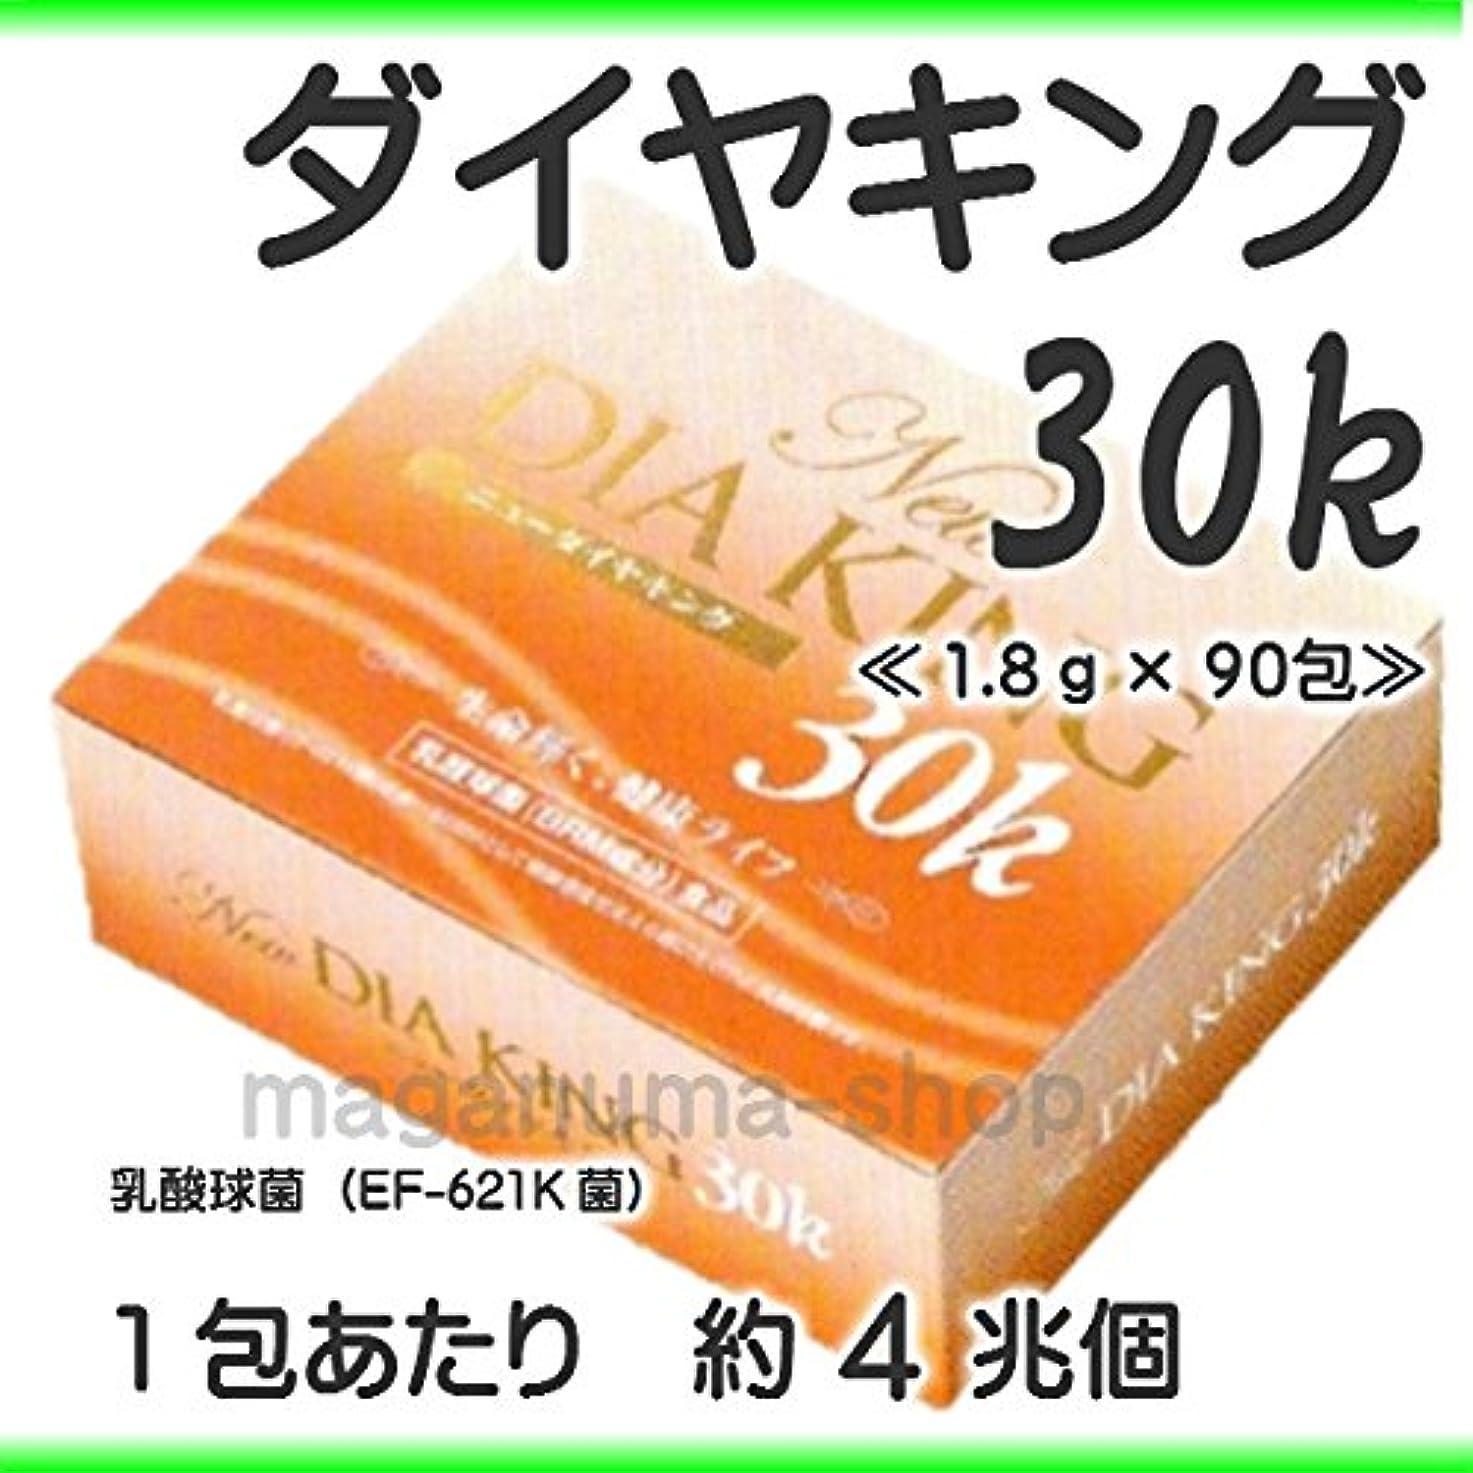 プレゼントバイバイ勉強するNEWダイヤキング30K 162g(1.8g×90包)【乳酸球菌 EF-621K菌含有】